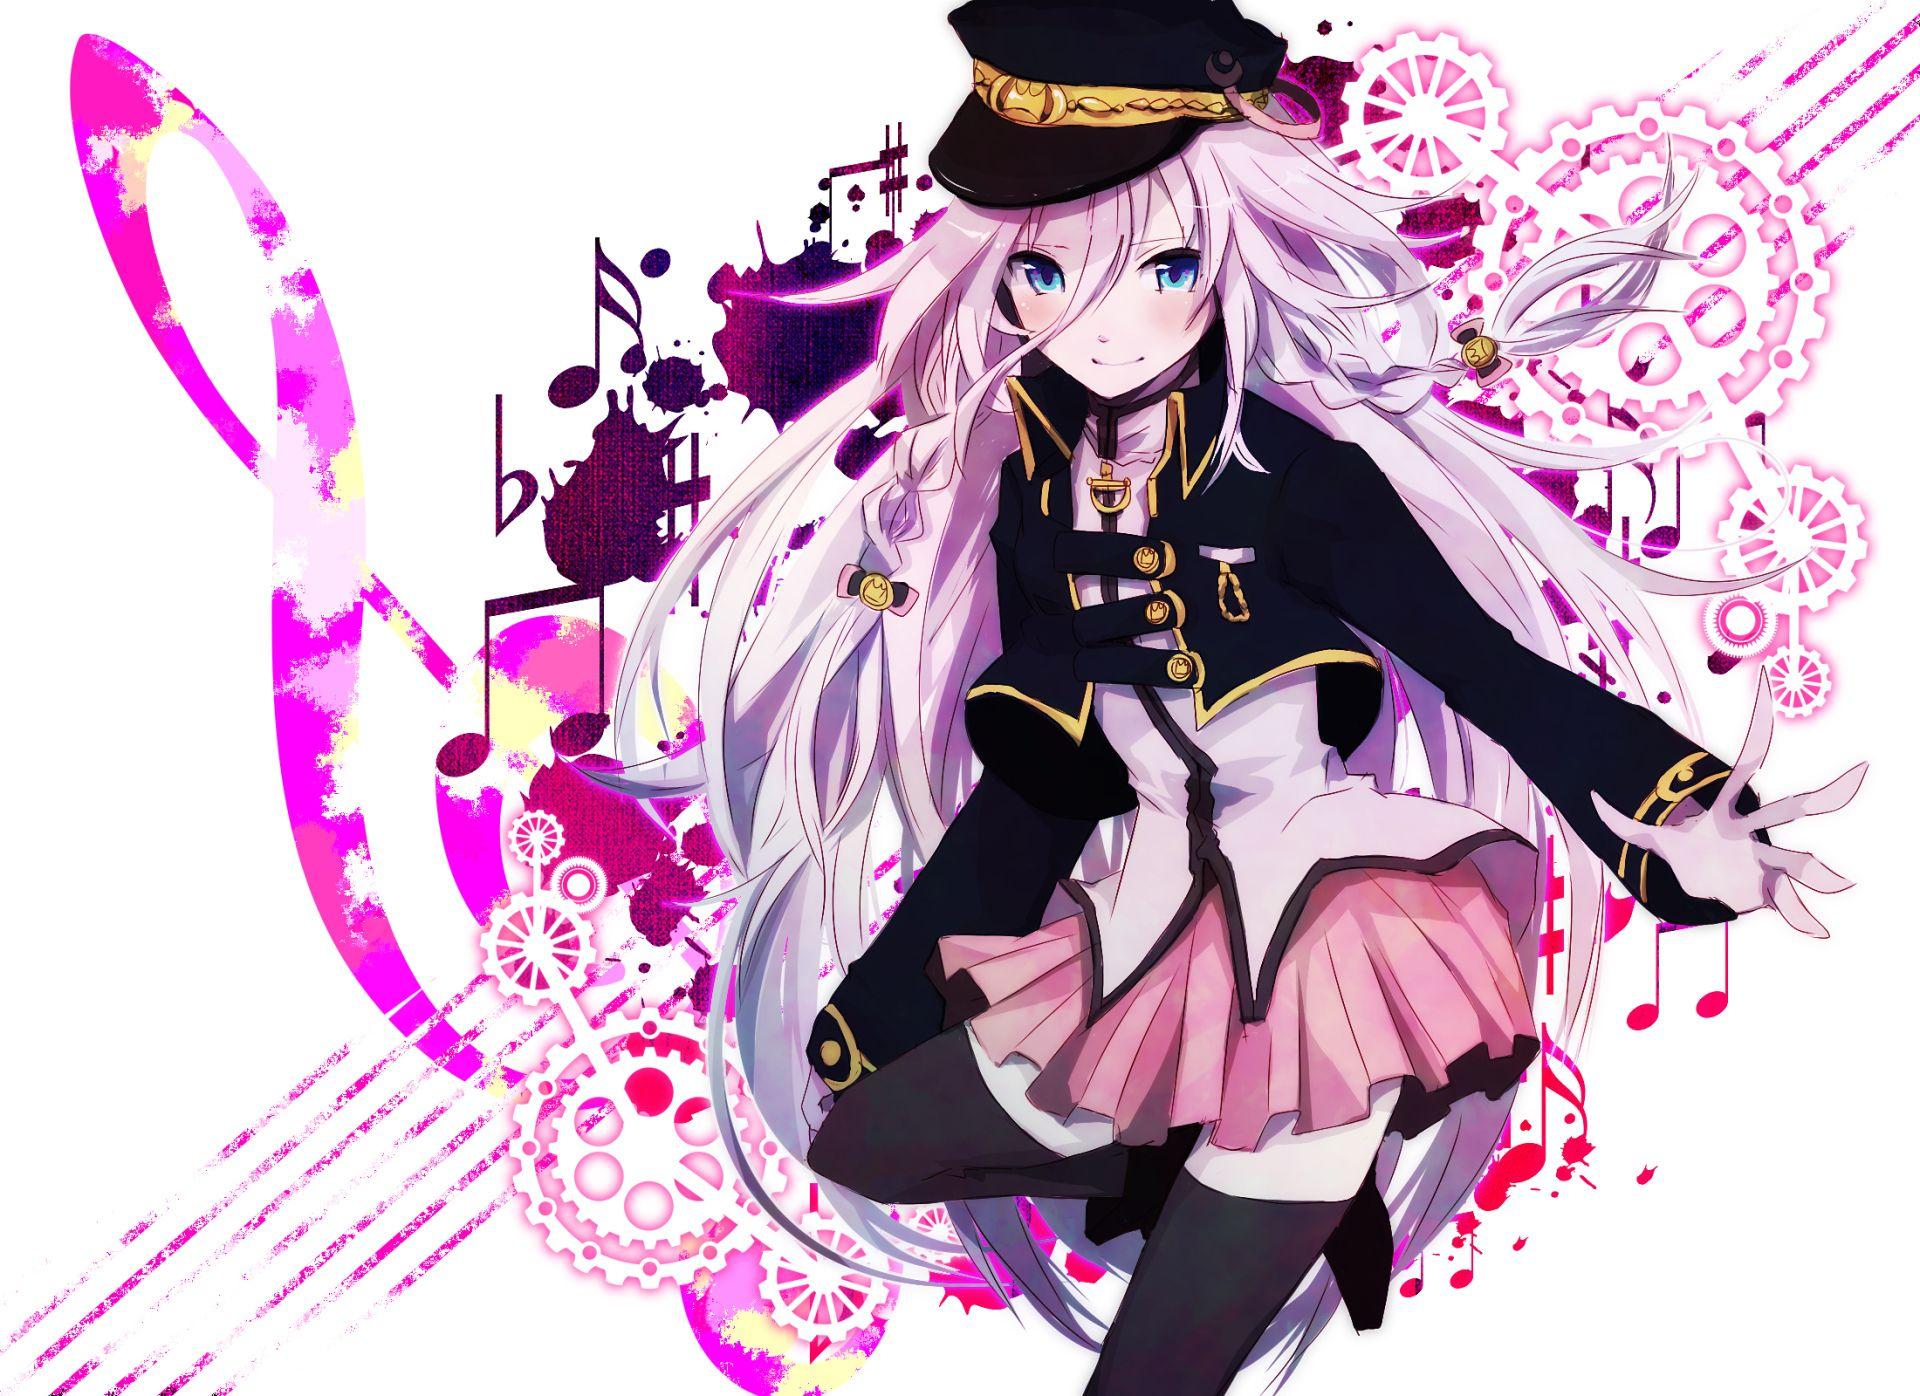 Anime Vocaloid Ia Vocaloid Wallpaper Anime Vocaloid